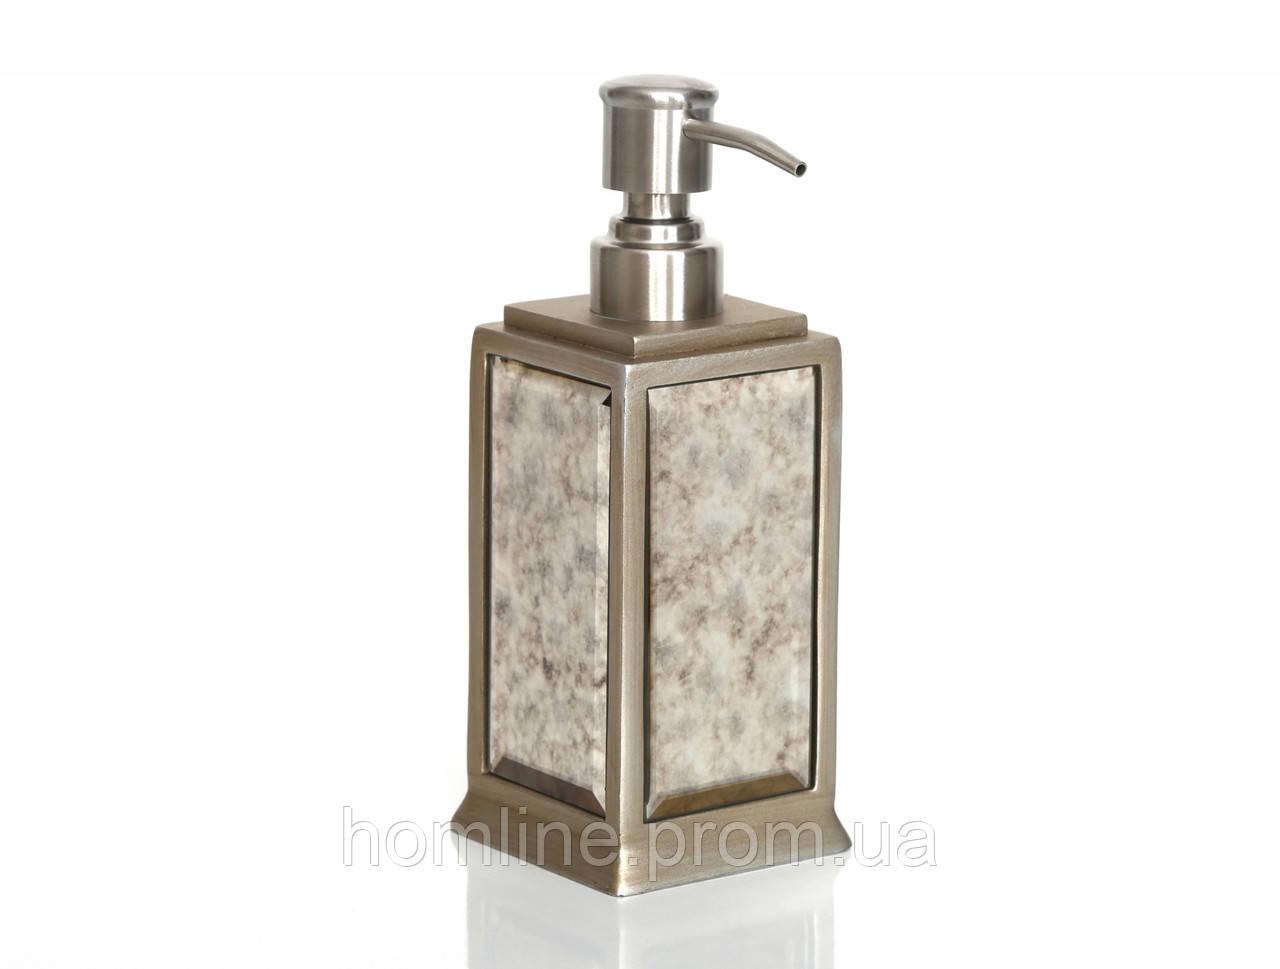 Дозатор для мыла Irya Mirror bronz бронзовый